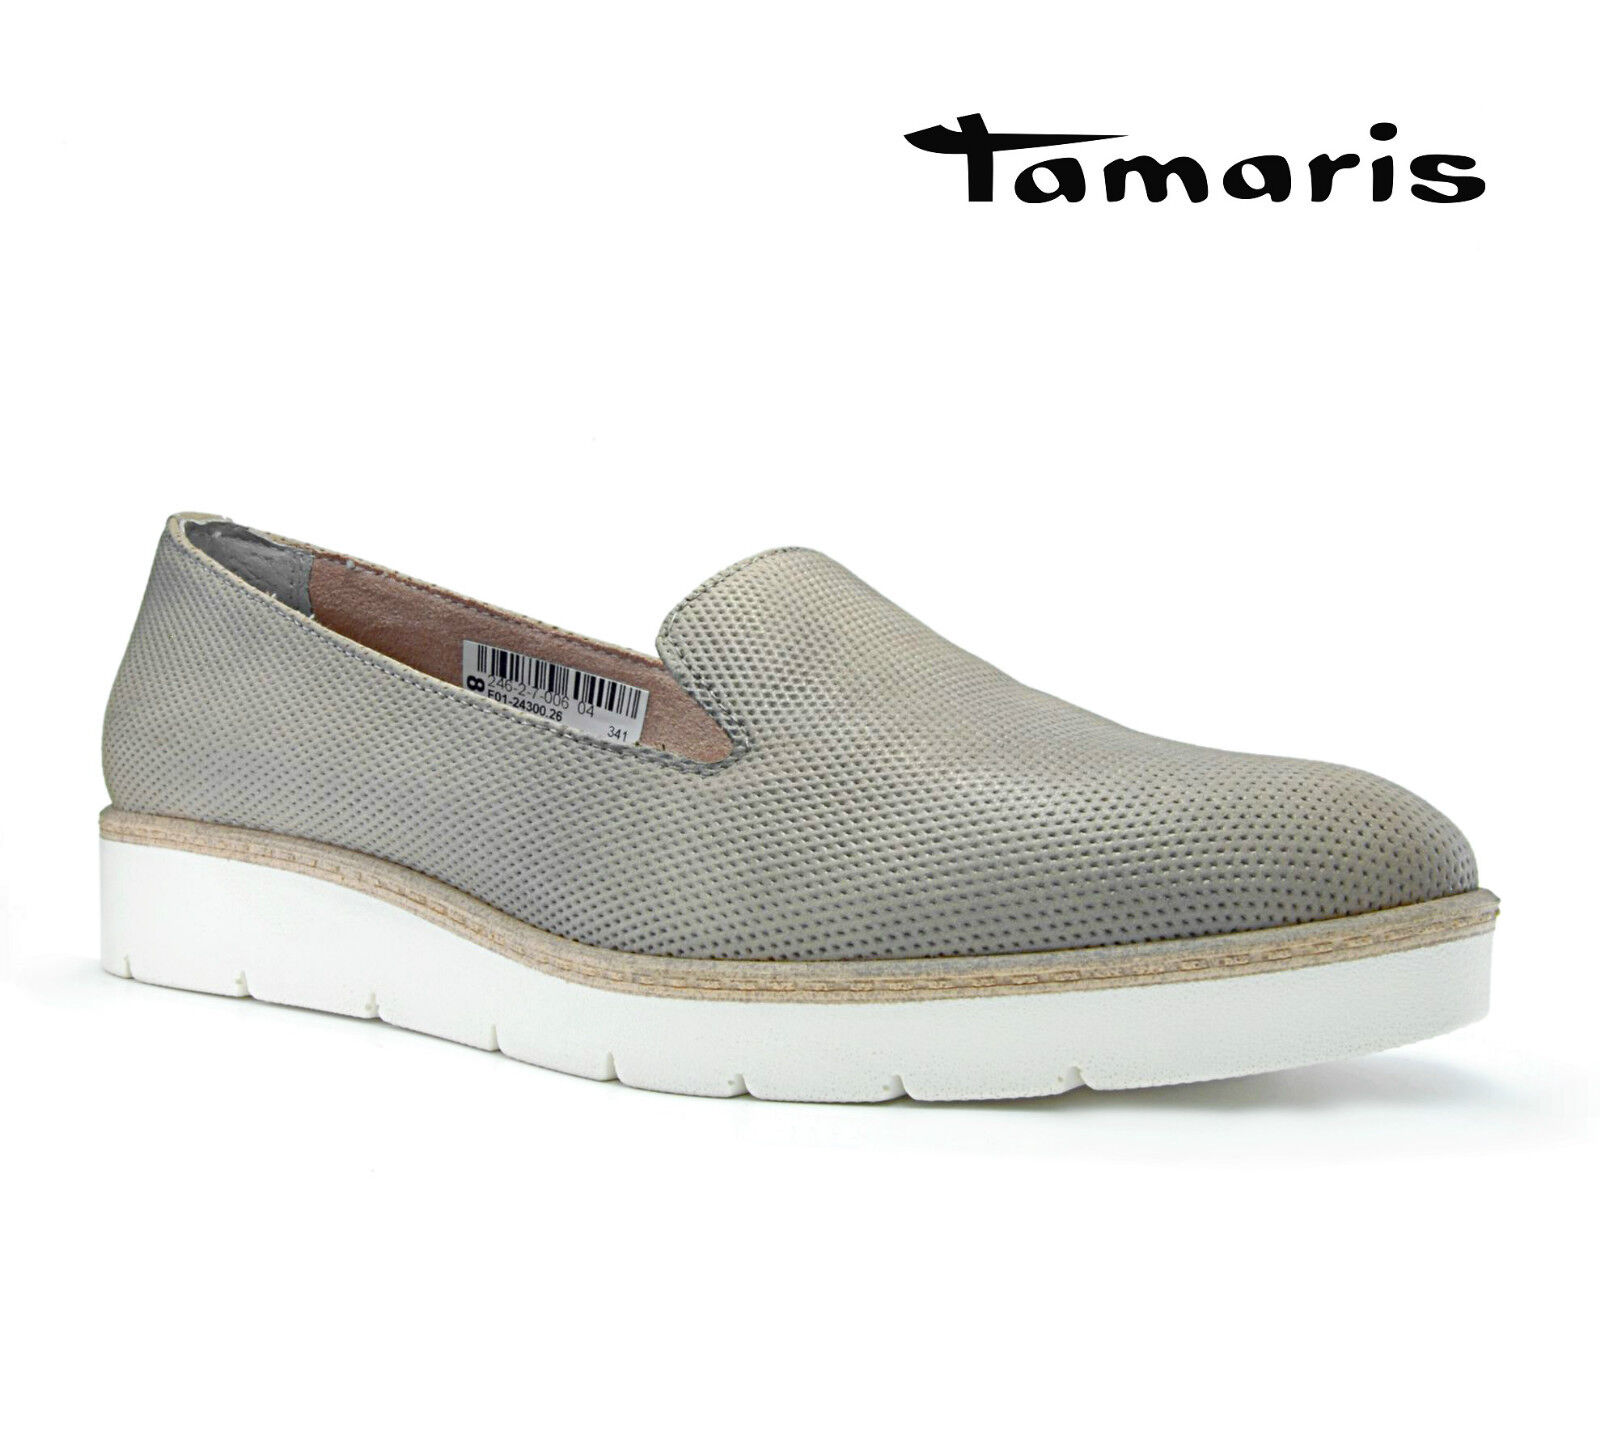 Tamaris Damen Schuhe Taupe Slipper JETTA Beige Taupe Schuhe Nude 24300-26 5f027f